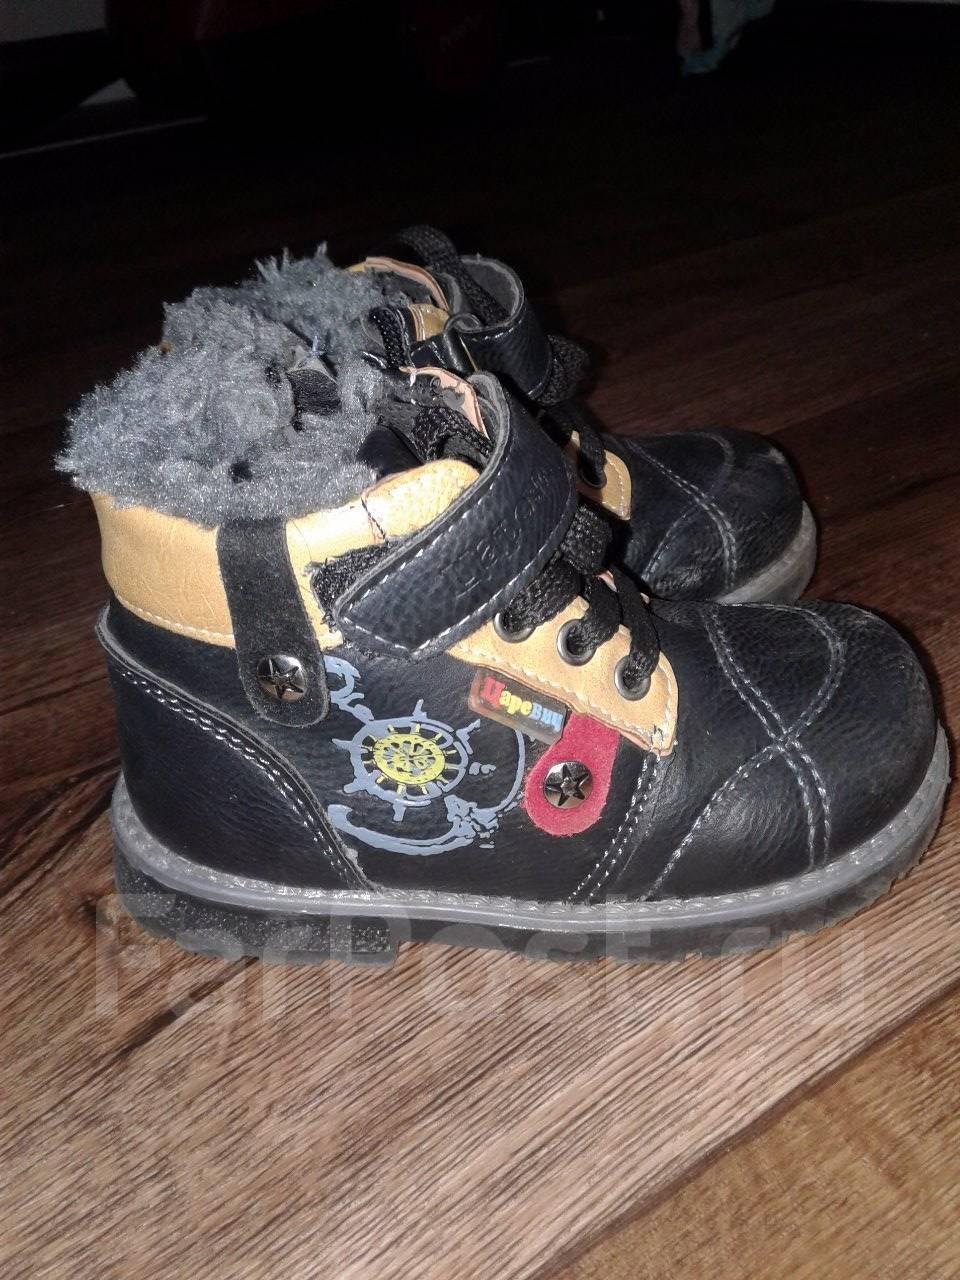 6ecf8ec781a2 Утеплитель детская обувь, 23 во Владивостоке